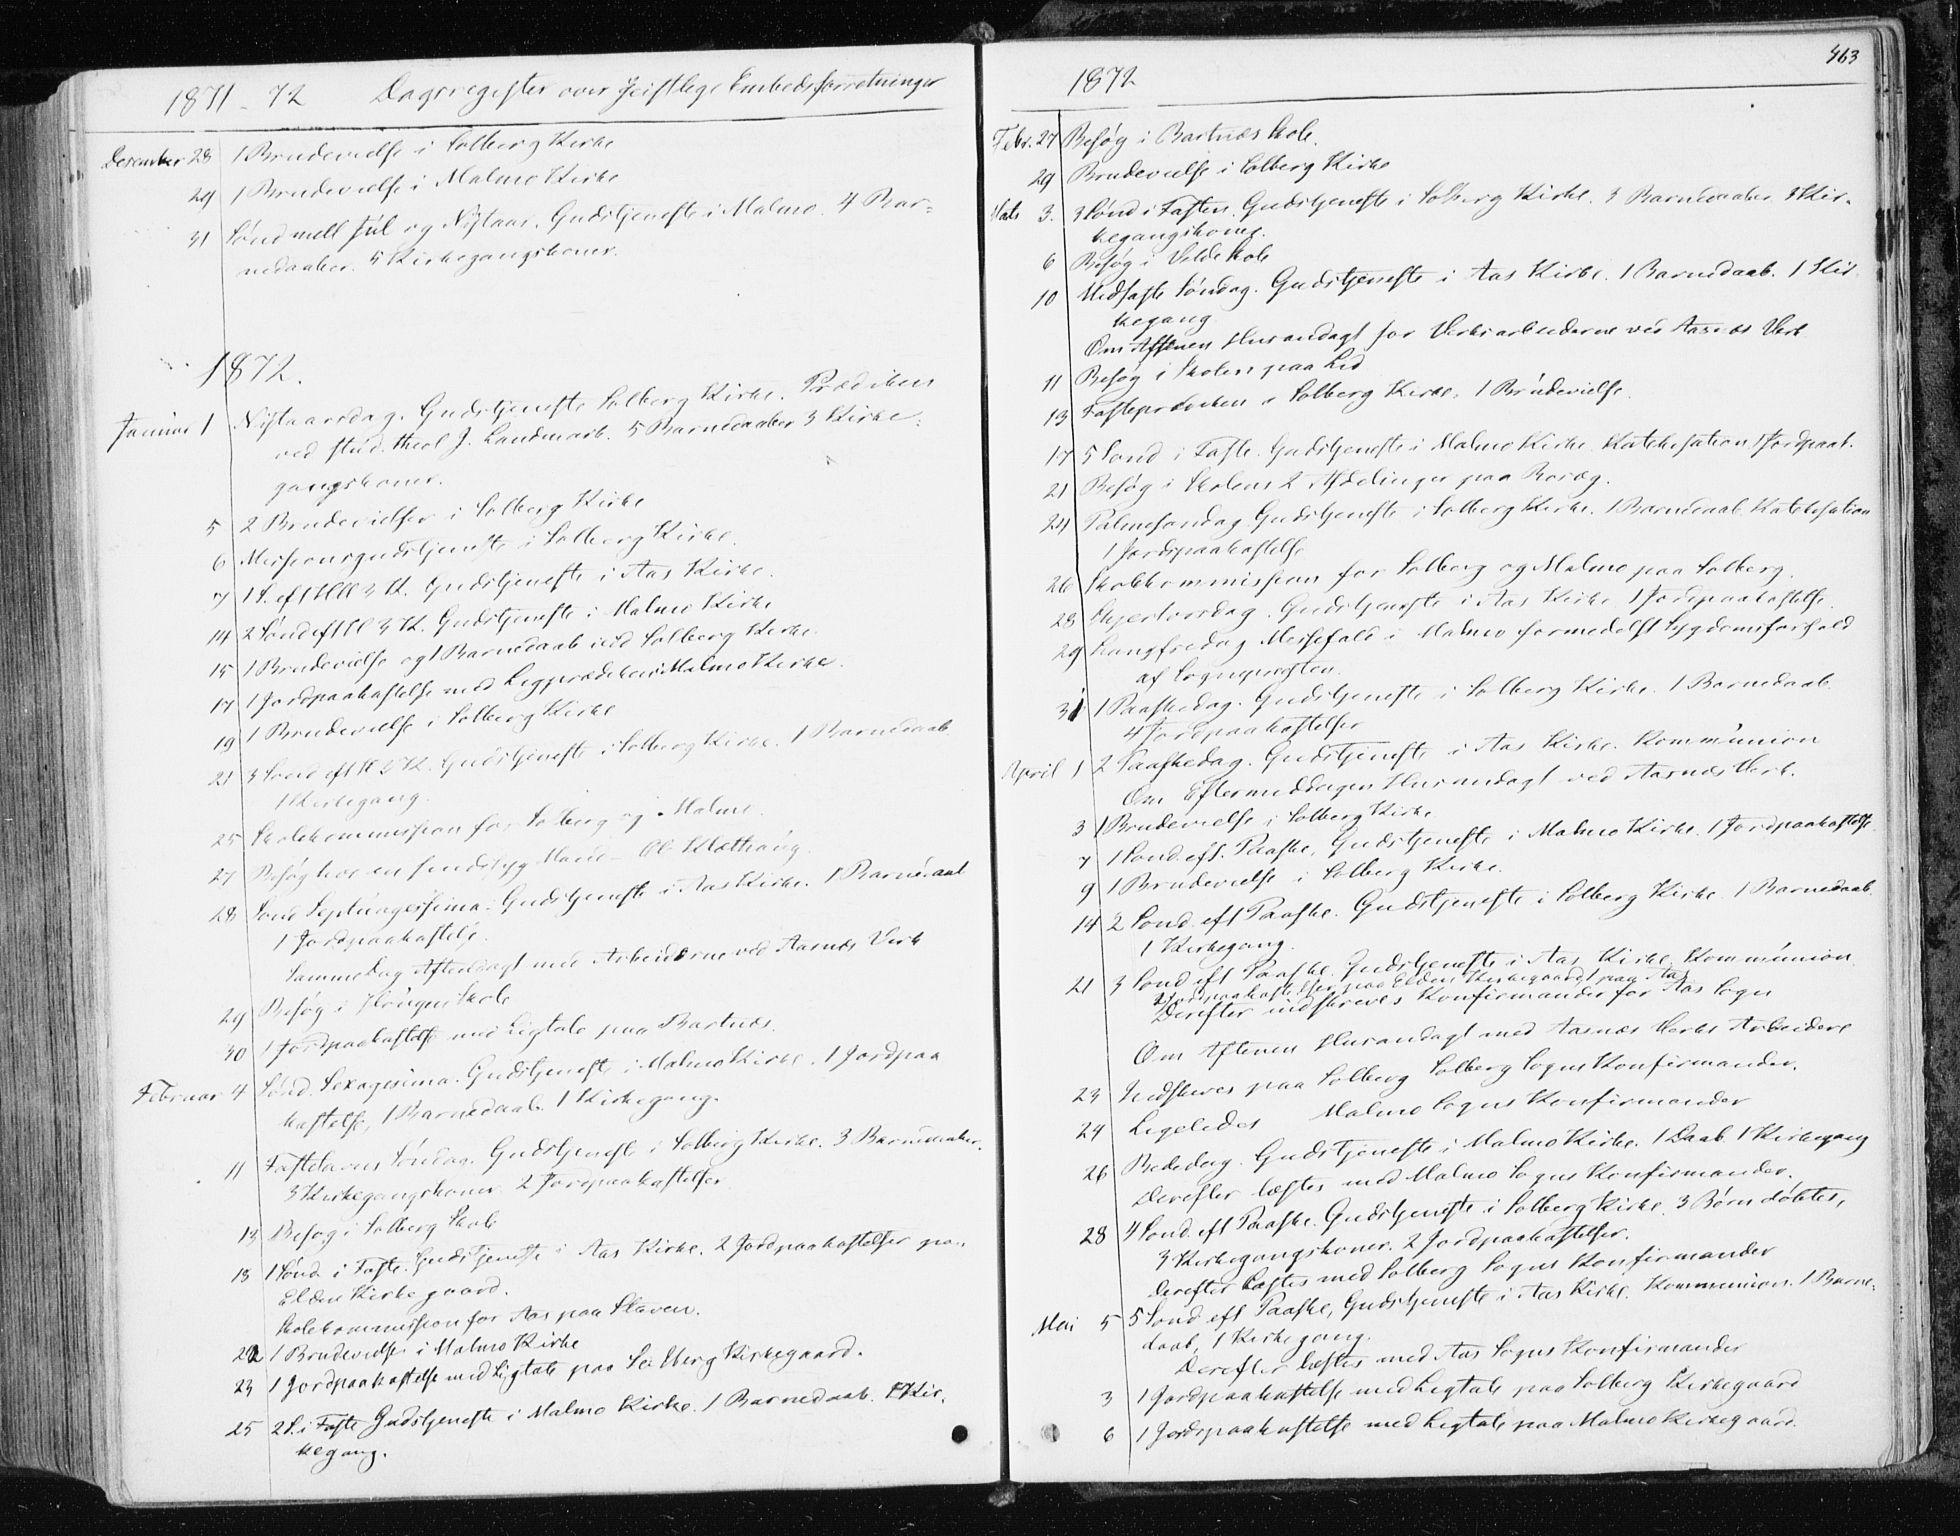 SAT, Ministerialprotokoller, klokkerbøker og fødselsregistre - Nord-Trøndelag, 741/L0394: Ministerialbok nr. 741A08, 1864-1877, s. 463